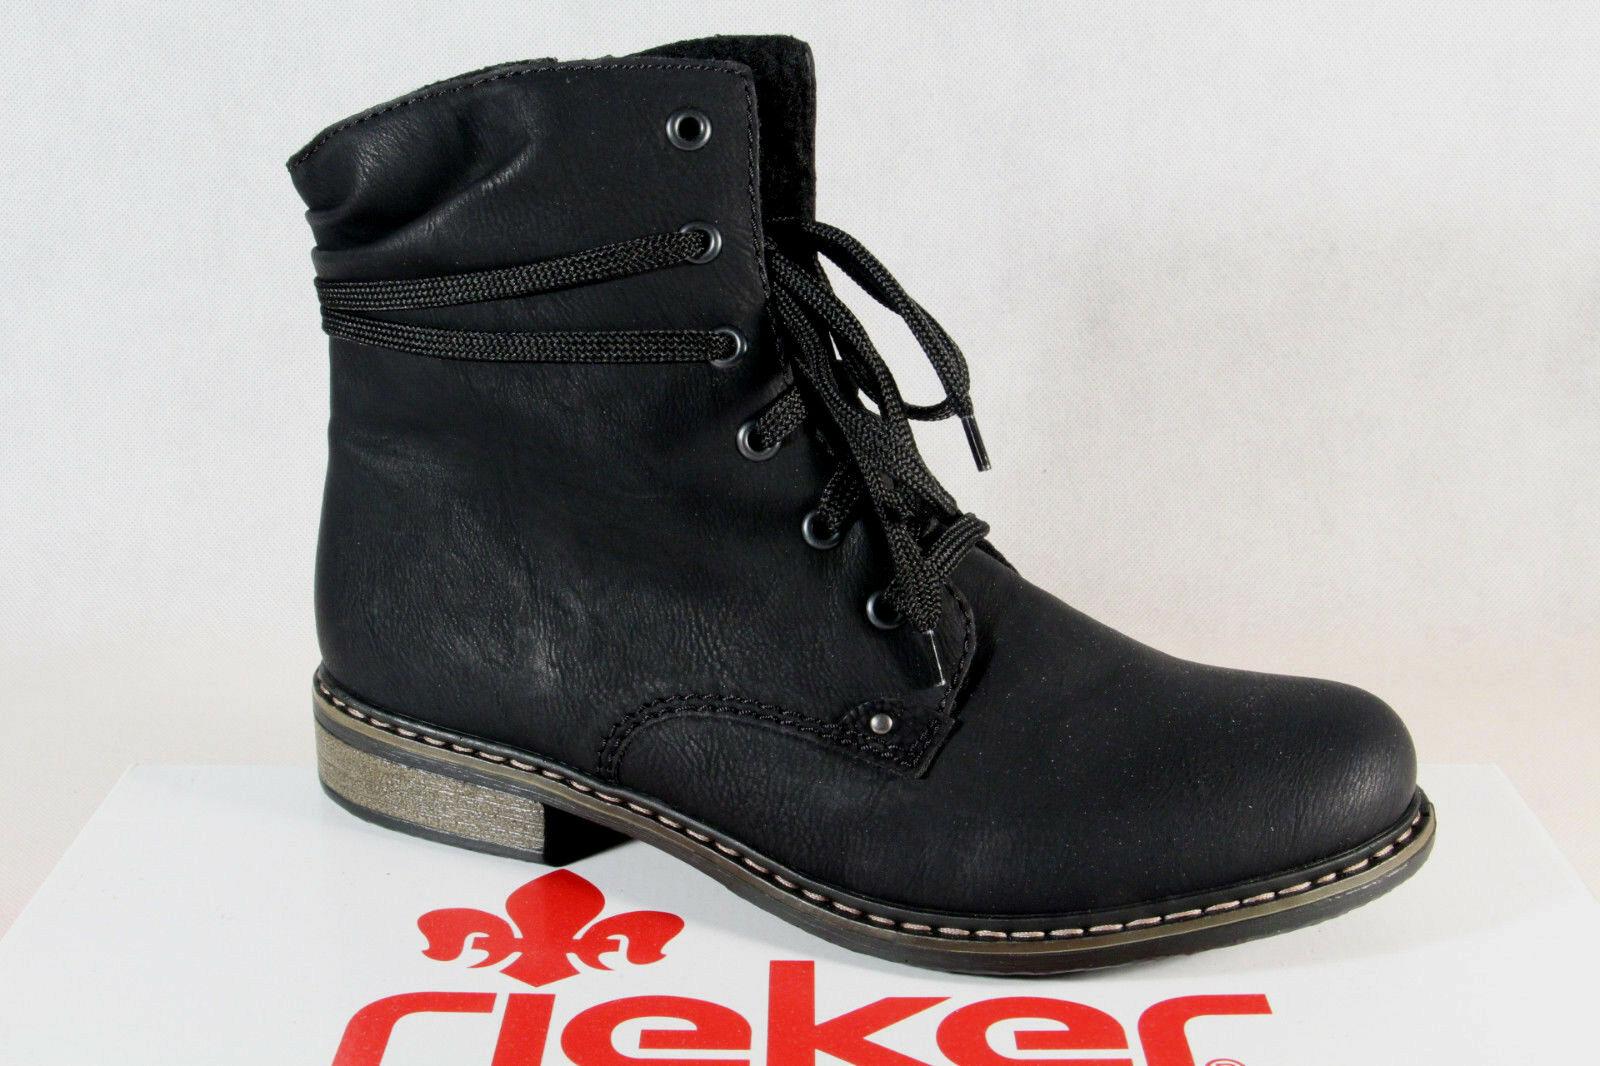 Rieker Damen Stiefel Stiefelette Stiefeletten Stiefel schwarz 71229 NEU